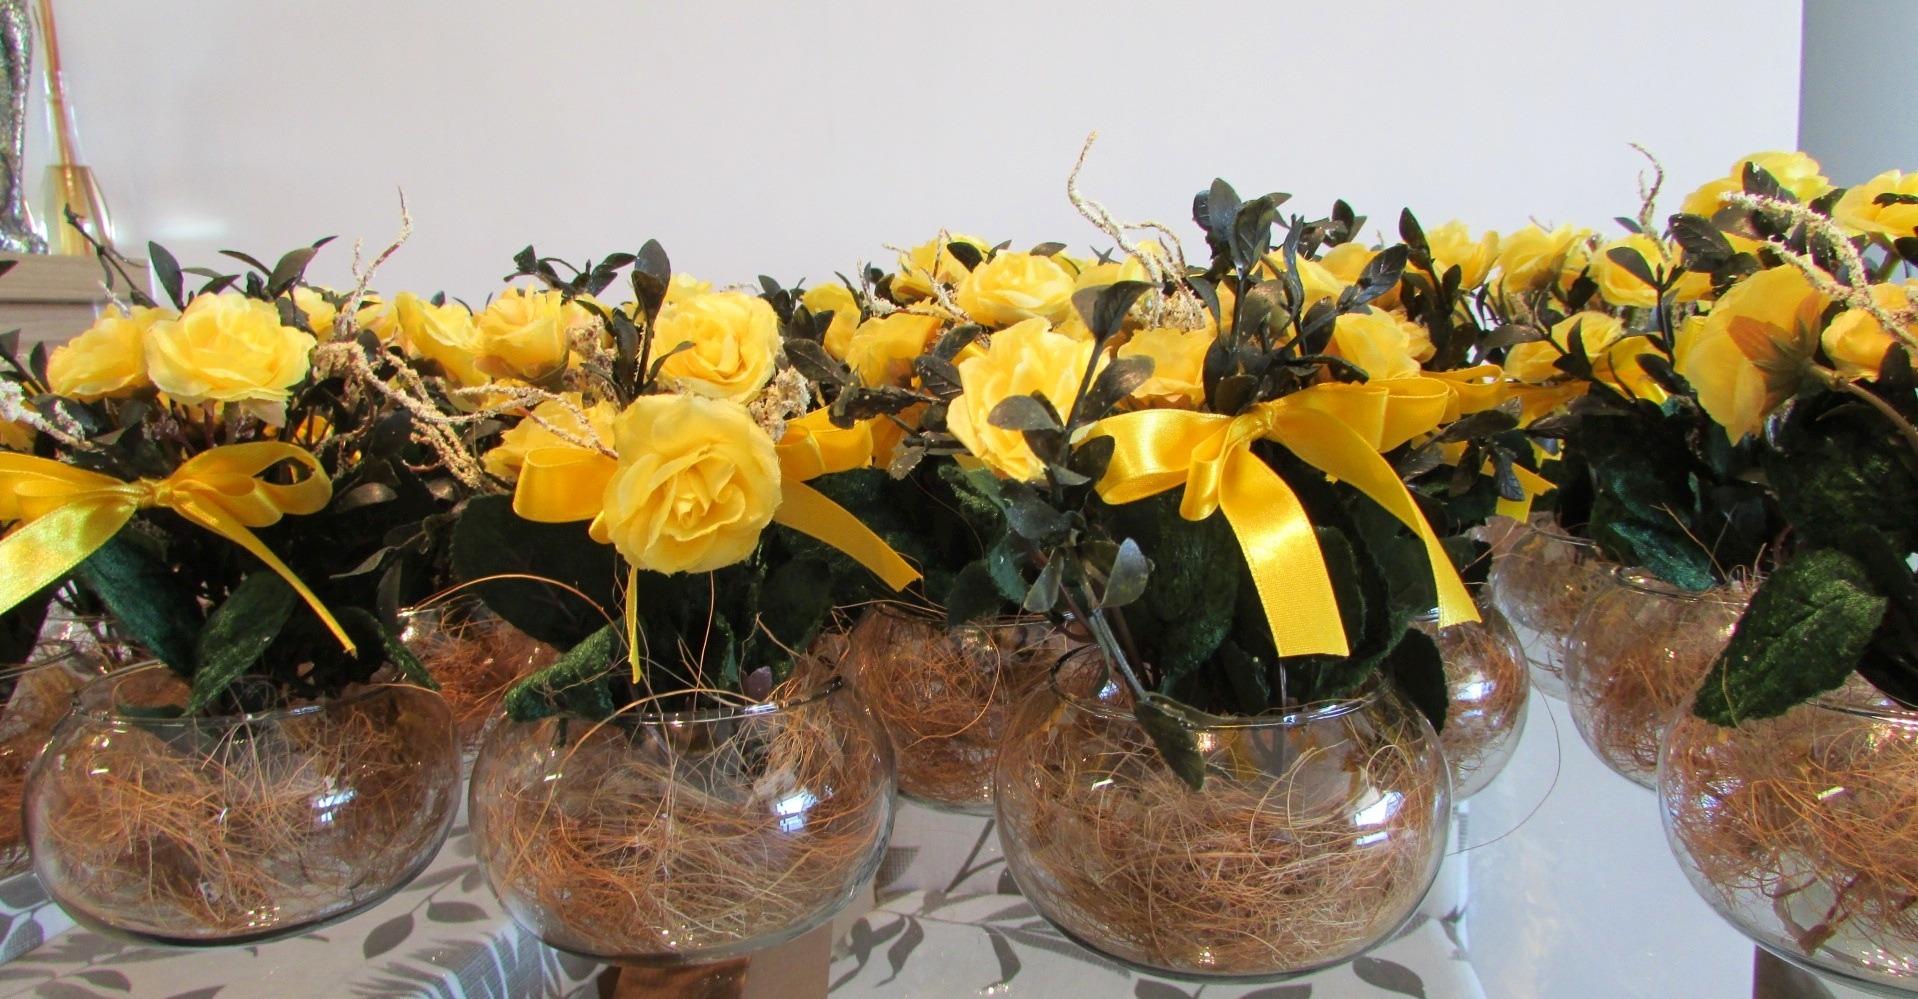 Famosos Vaso de vidro com flores amarelas III no Elo7 | Rosamorena Artes  ZN98